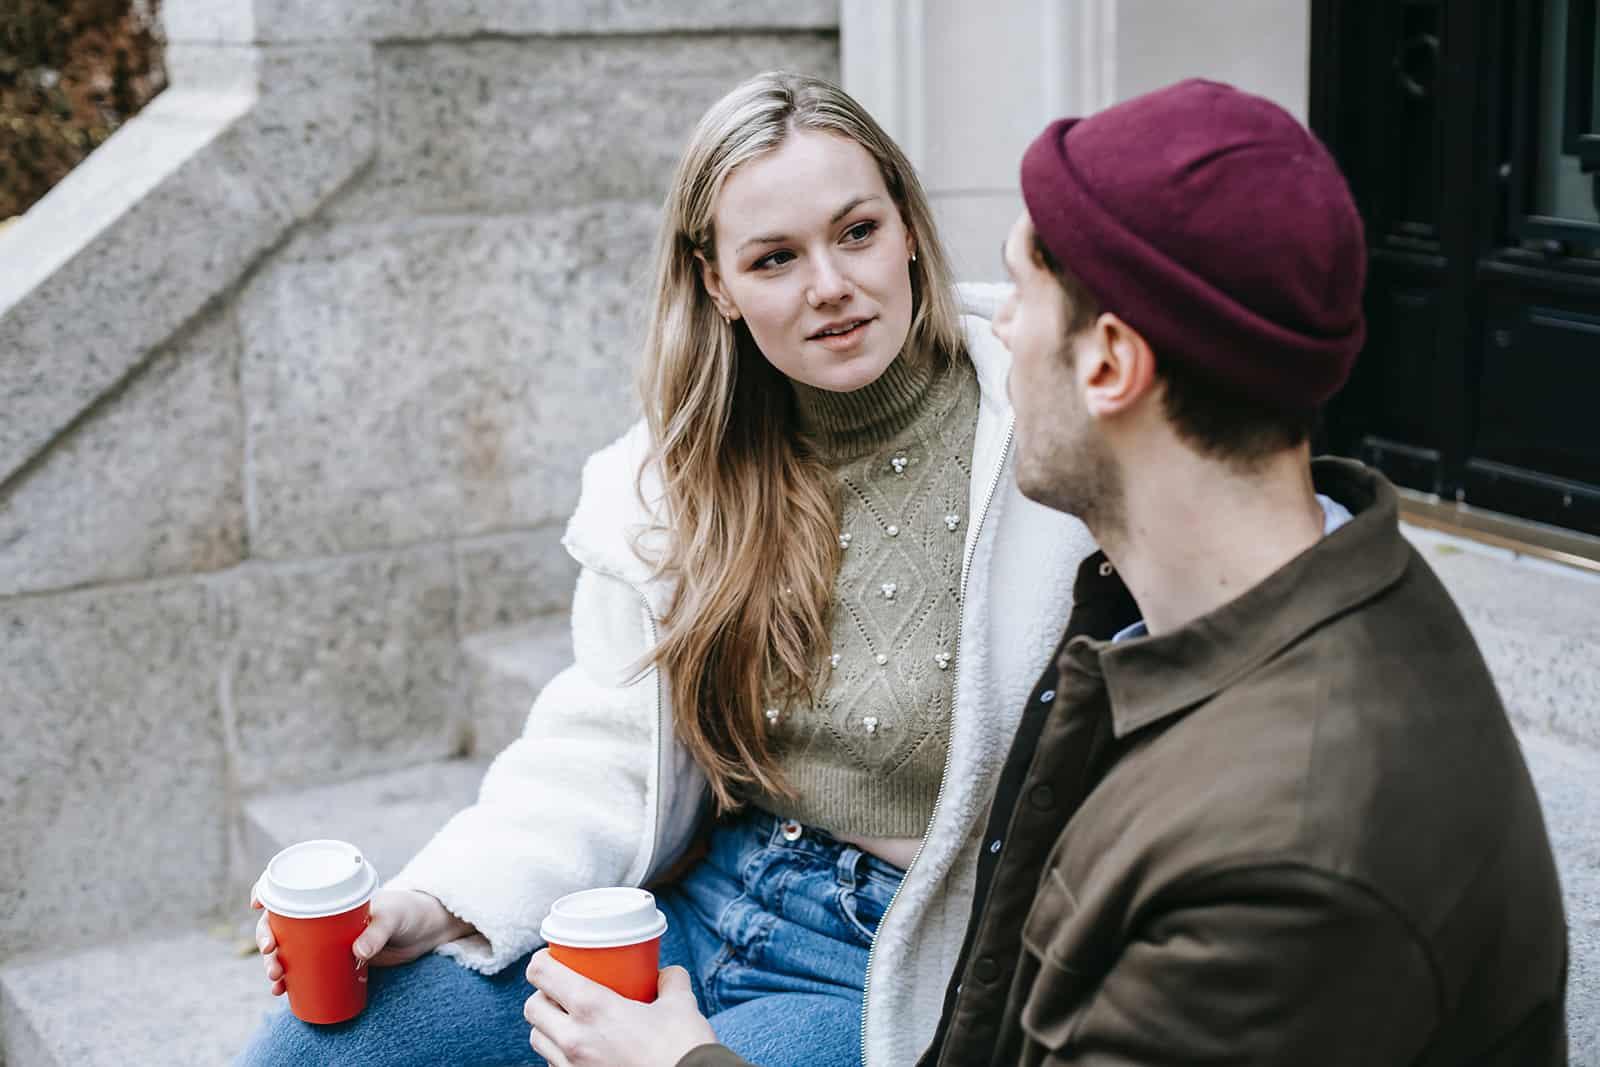 Ein Mann und eine Frau unterhalten sich über ein Date, während sie auf der Treppe sitzen